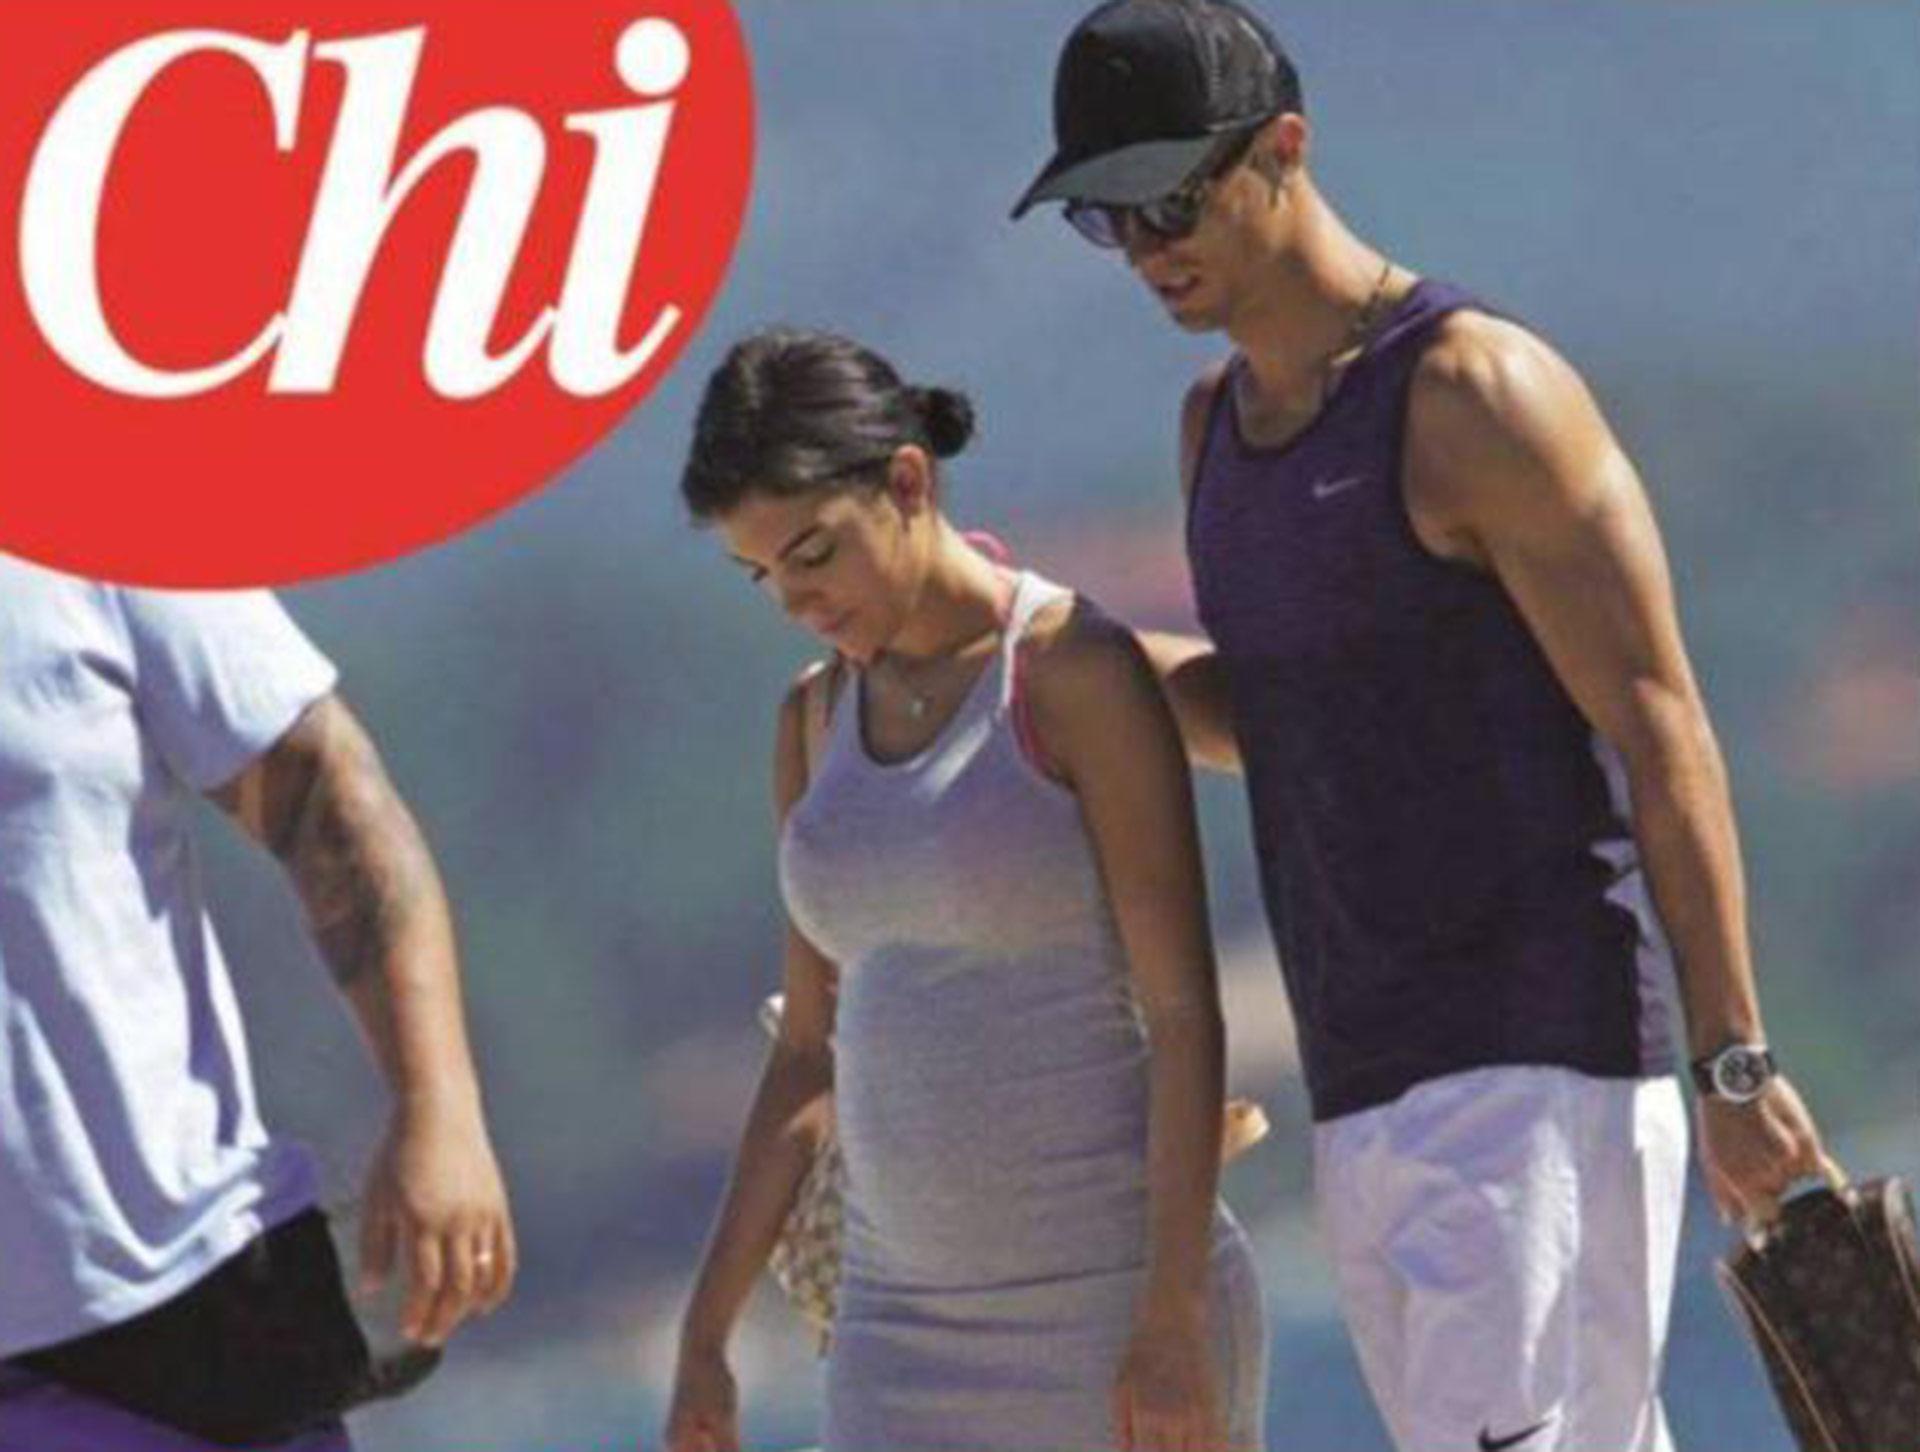 Imagen de Cristiano Ronaldo y su novia, que tiene el vientre hinchado como si estuviera embarazada